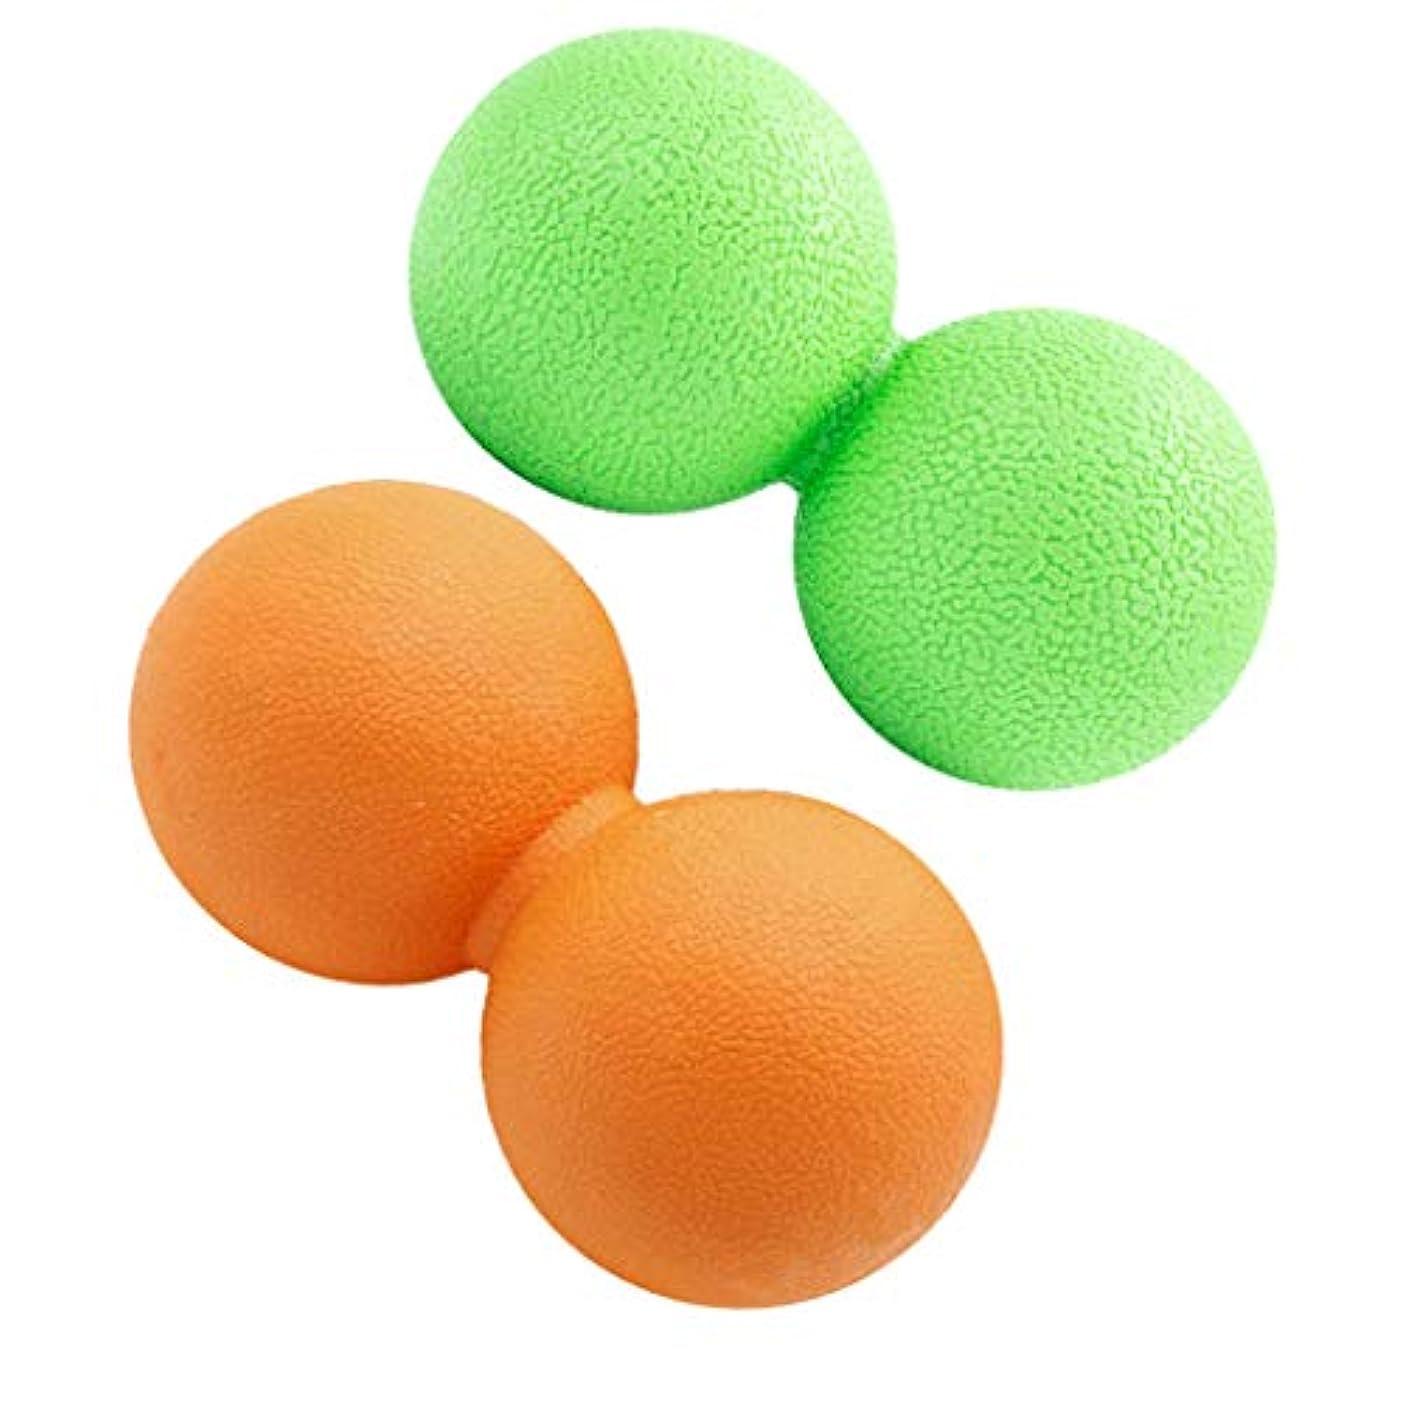 結婚した反対する予想する2個 マッサージボール ピーナッツ 疲れ解消ボール トリガーポイント 筋膜リリース ツボ押しグッズ